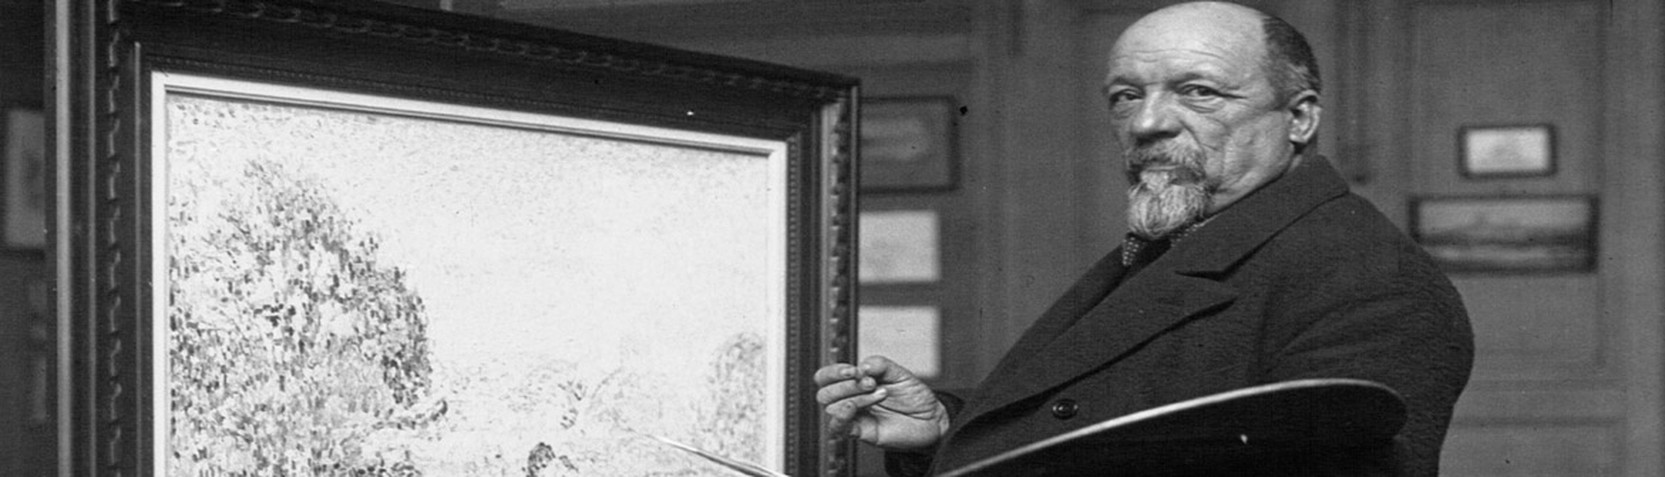 Künstler - Paul Signac